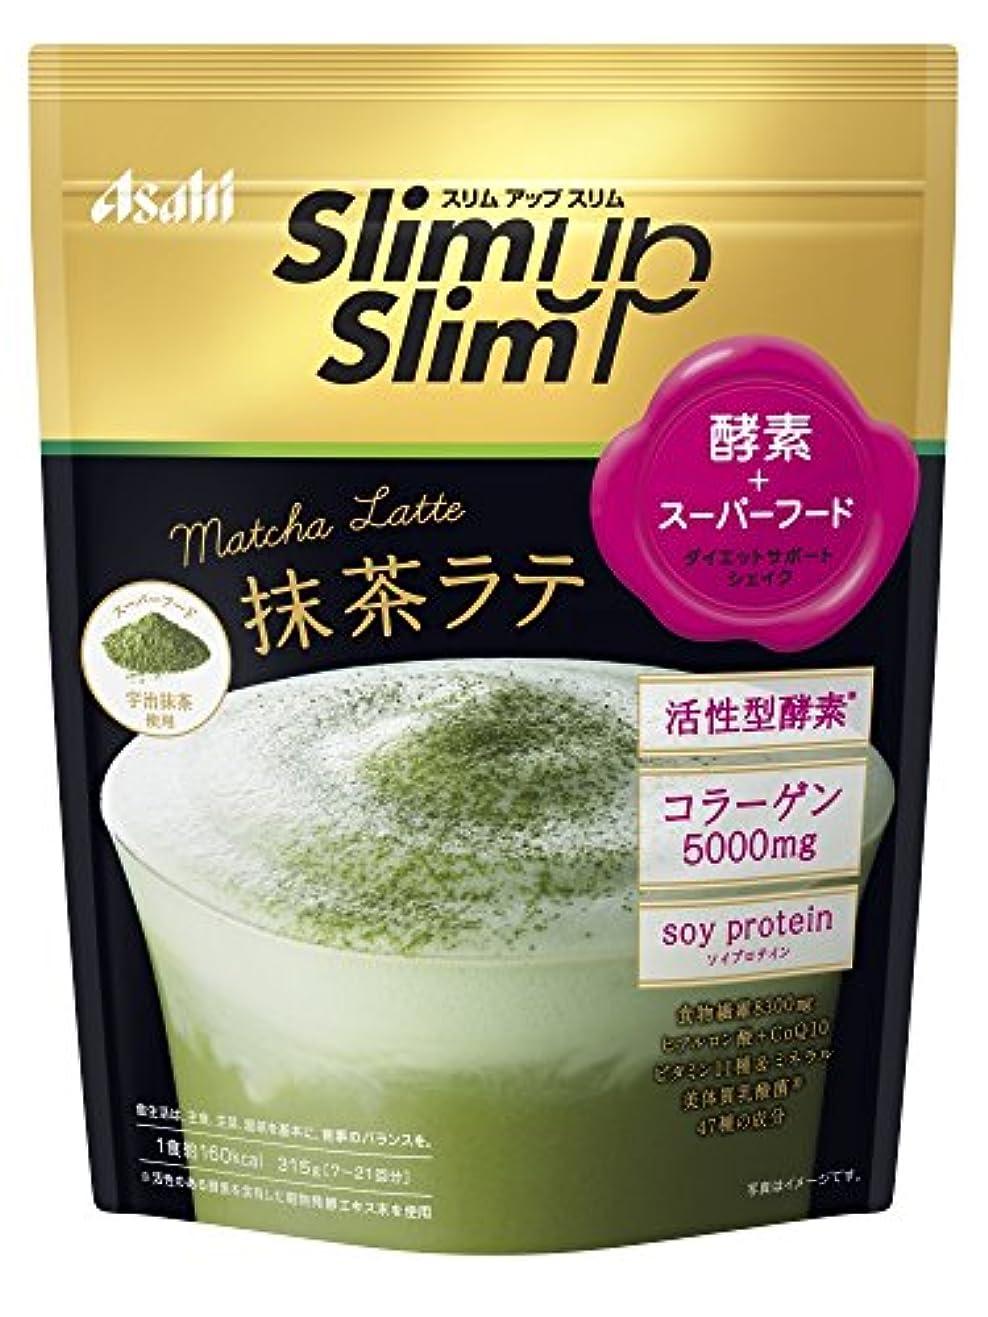 マンモス傾向がありますクラウンスリムアップスリム 酵素+スーパーフードシェイク 抹茶ラテ 315g